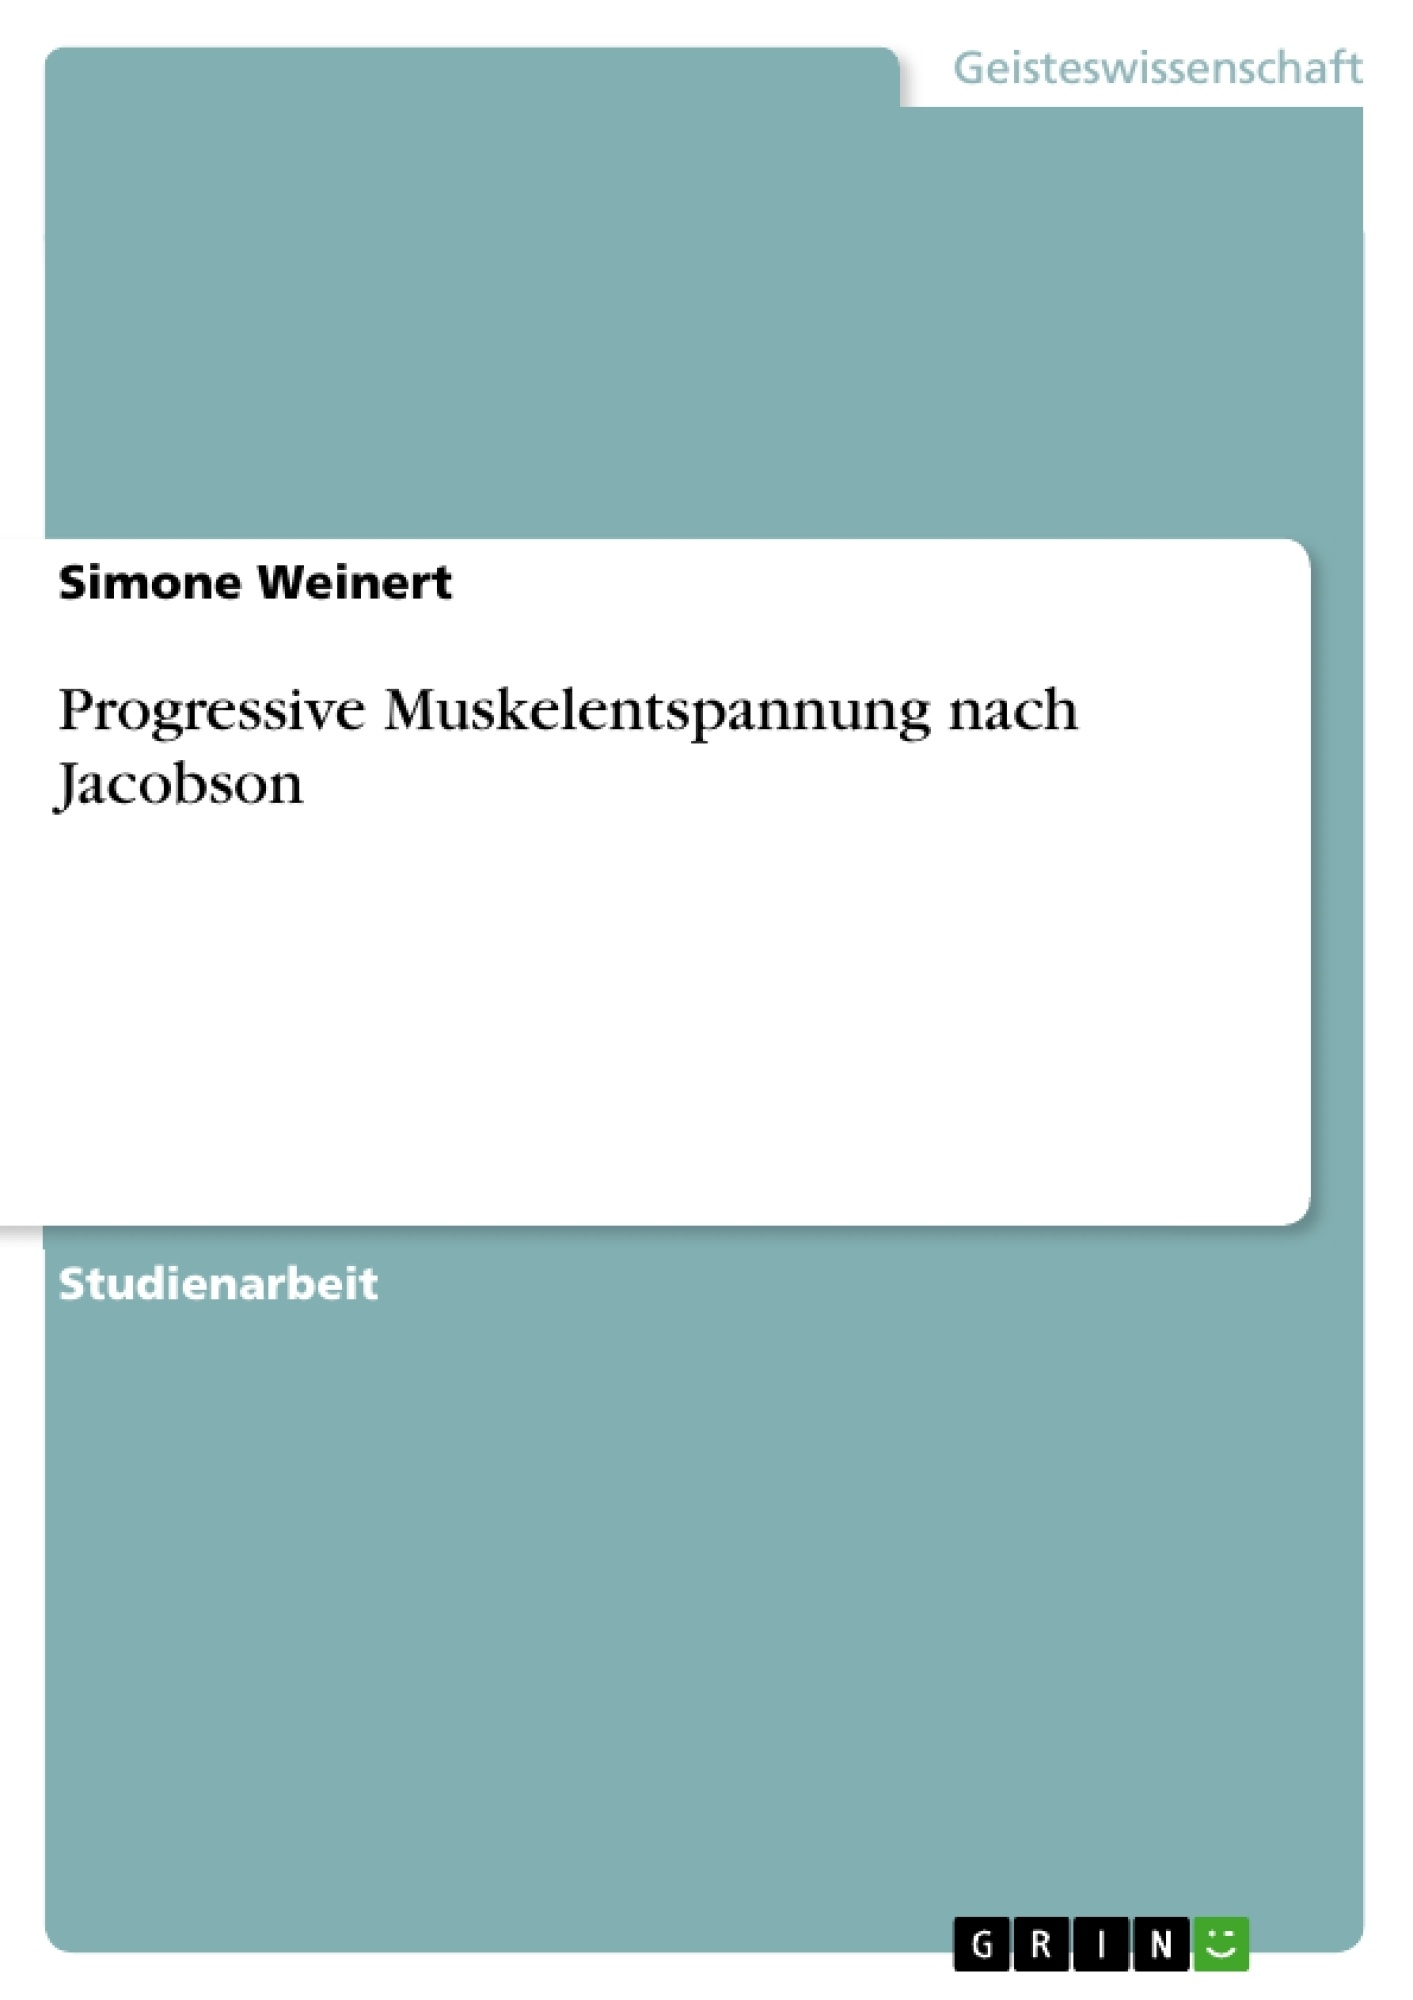 Titel: Progressive Muskelentspannung nach Jacobson